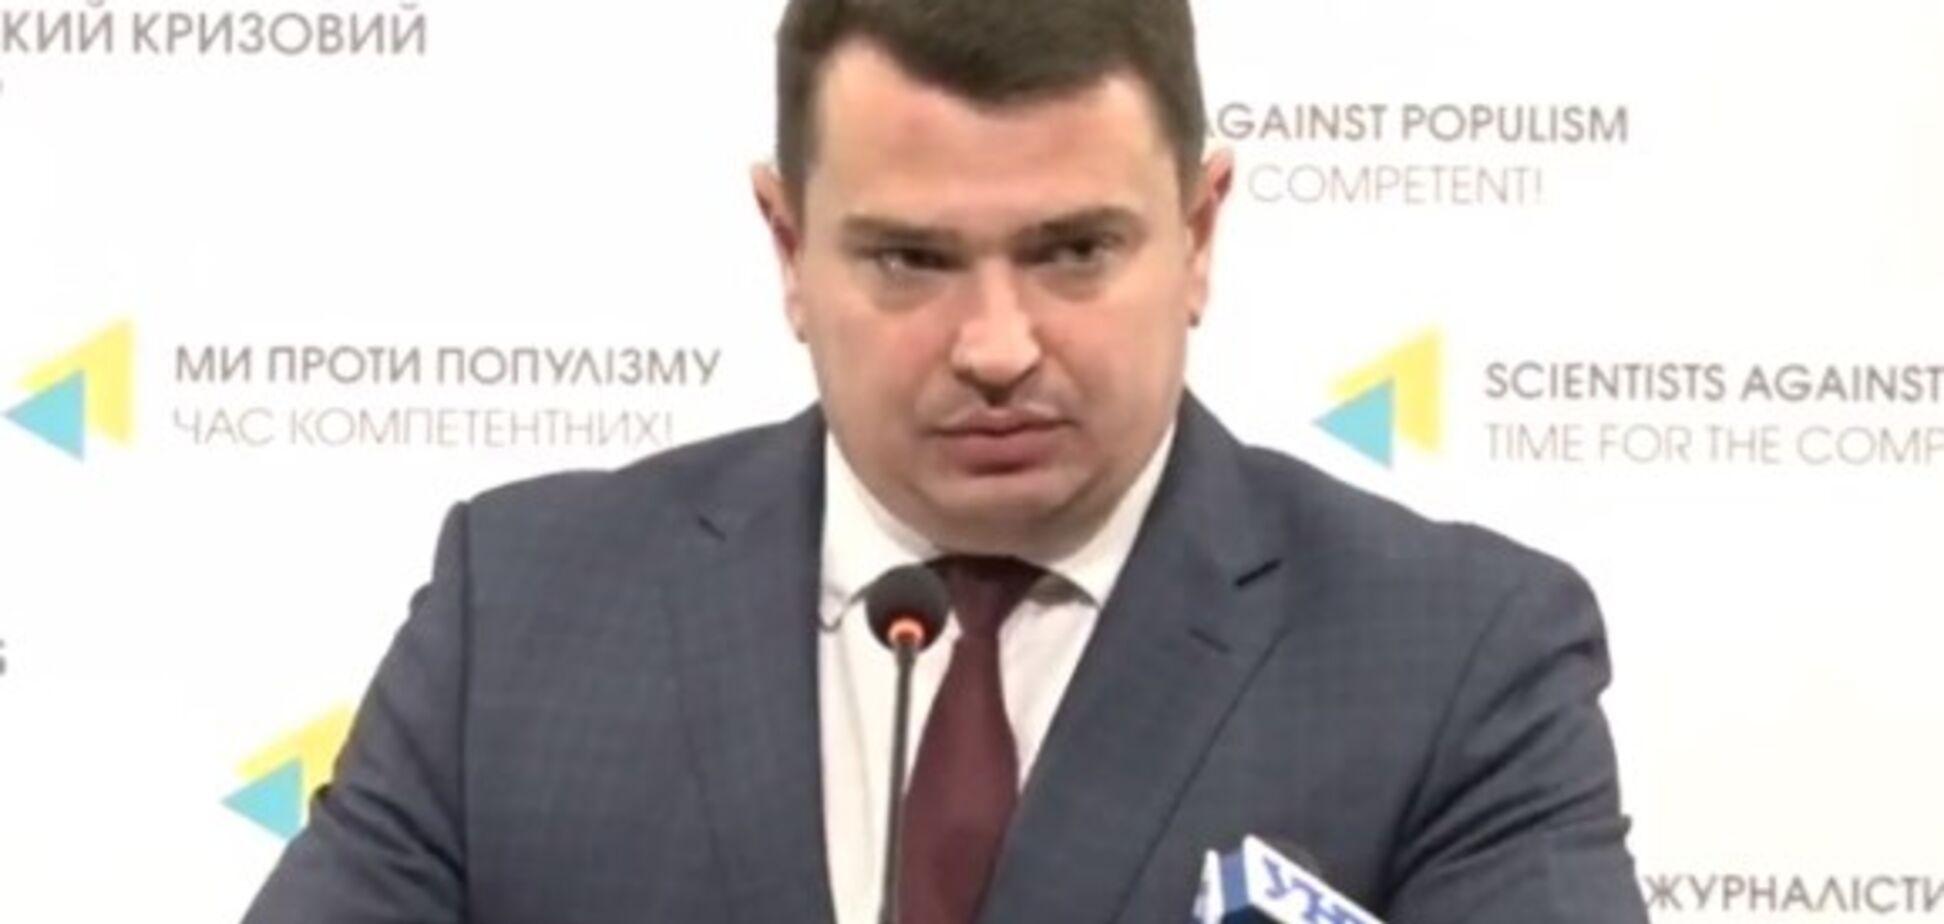 Все агенты отпущены: Сытник опроверг заявление ГПУ